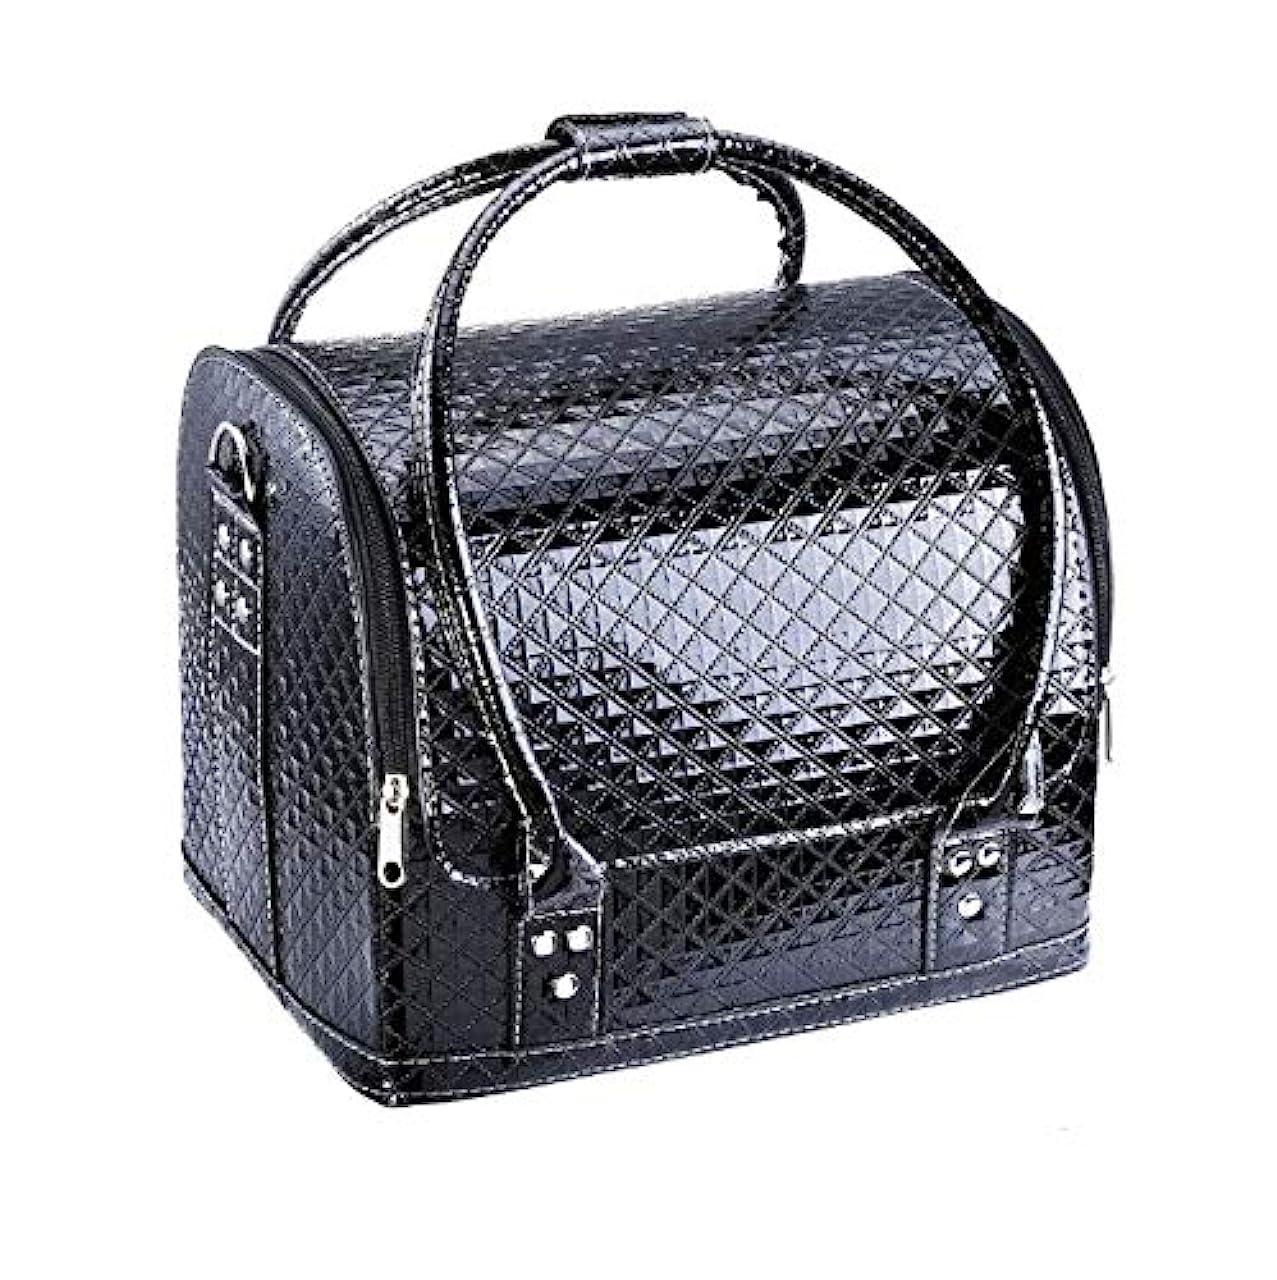 再撮りそれ開いた化粧箱、大容量ダブルオープンポータブル化粧品ケース、ポータブルダイヤモンドパターン旅行化粧品バッグ、美容ネイルジュエリー収納ボックス